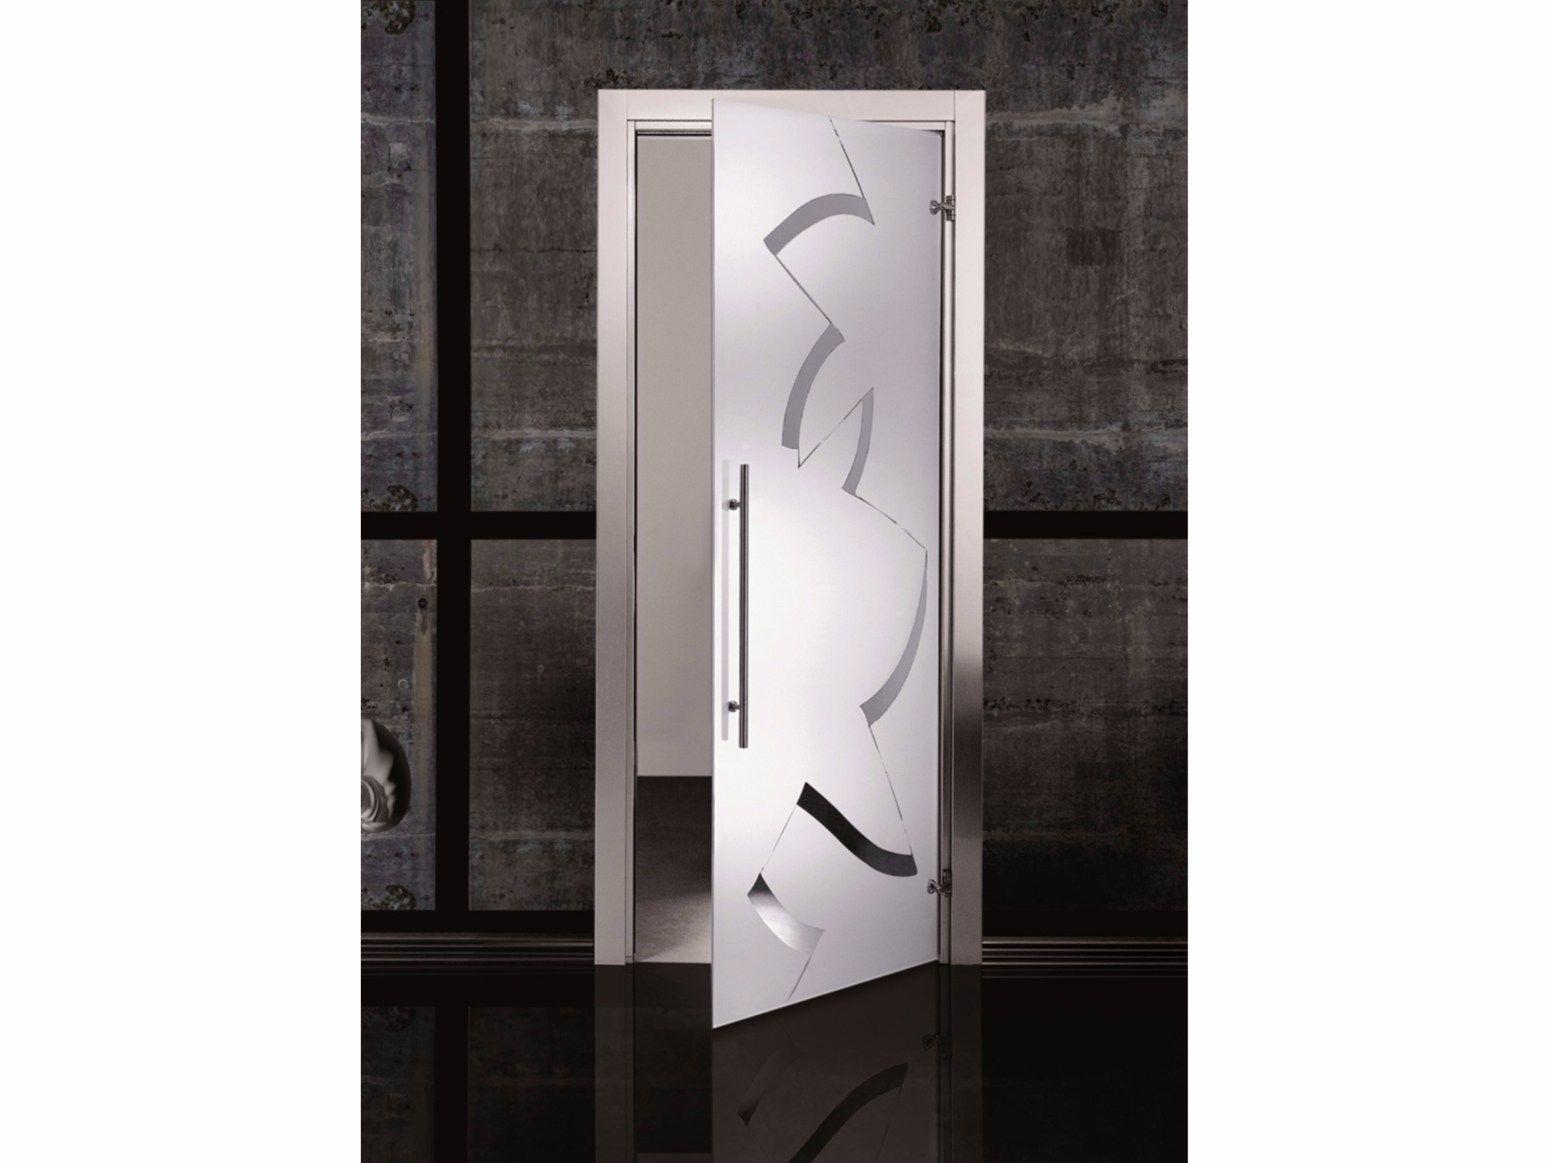 porte per interni in vetro sabbiato | archiproducts - Porte In Vetro Scorrevoli Per Interni Casali